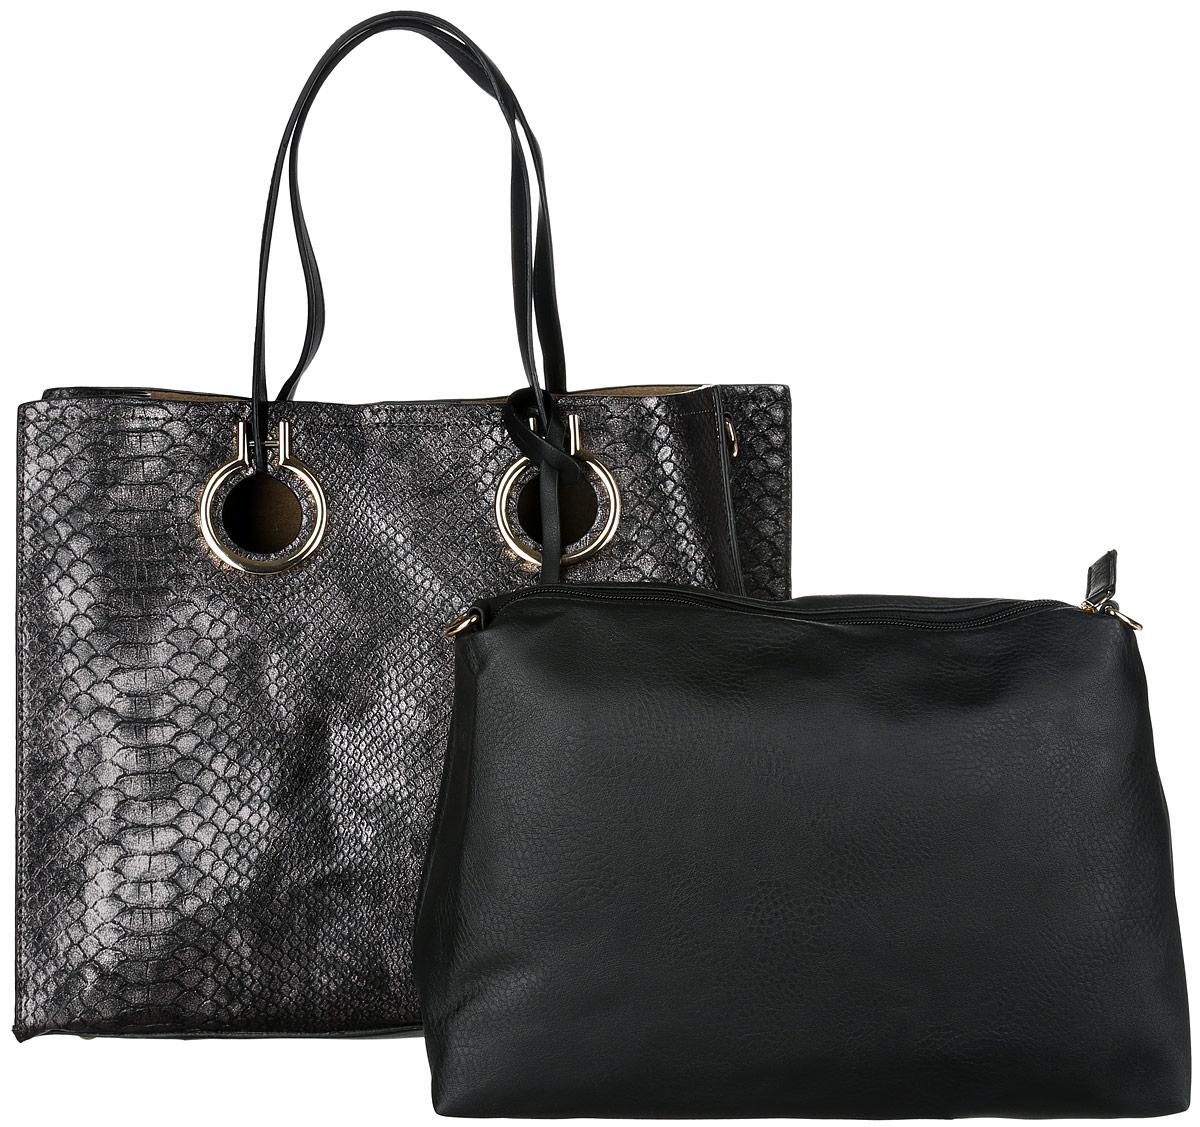 Сумка-шоппер женская David Jones, цвет: черный, серебристый. 4010-2